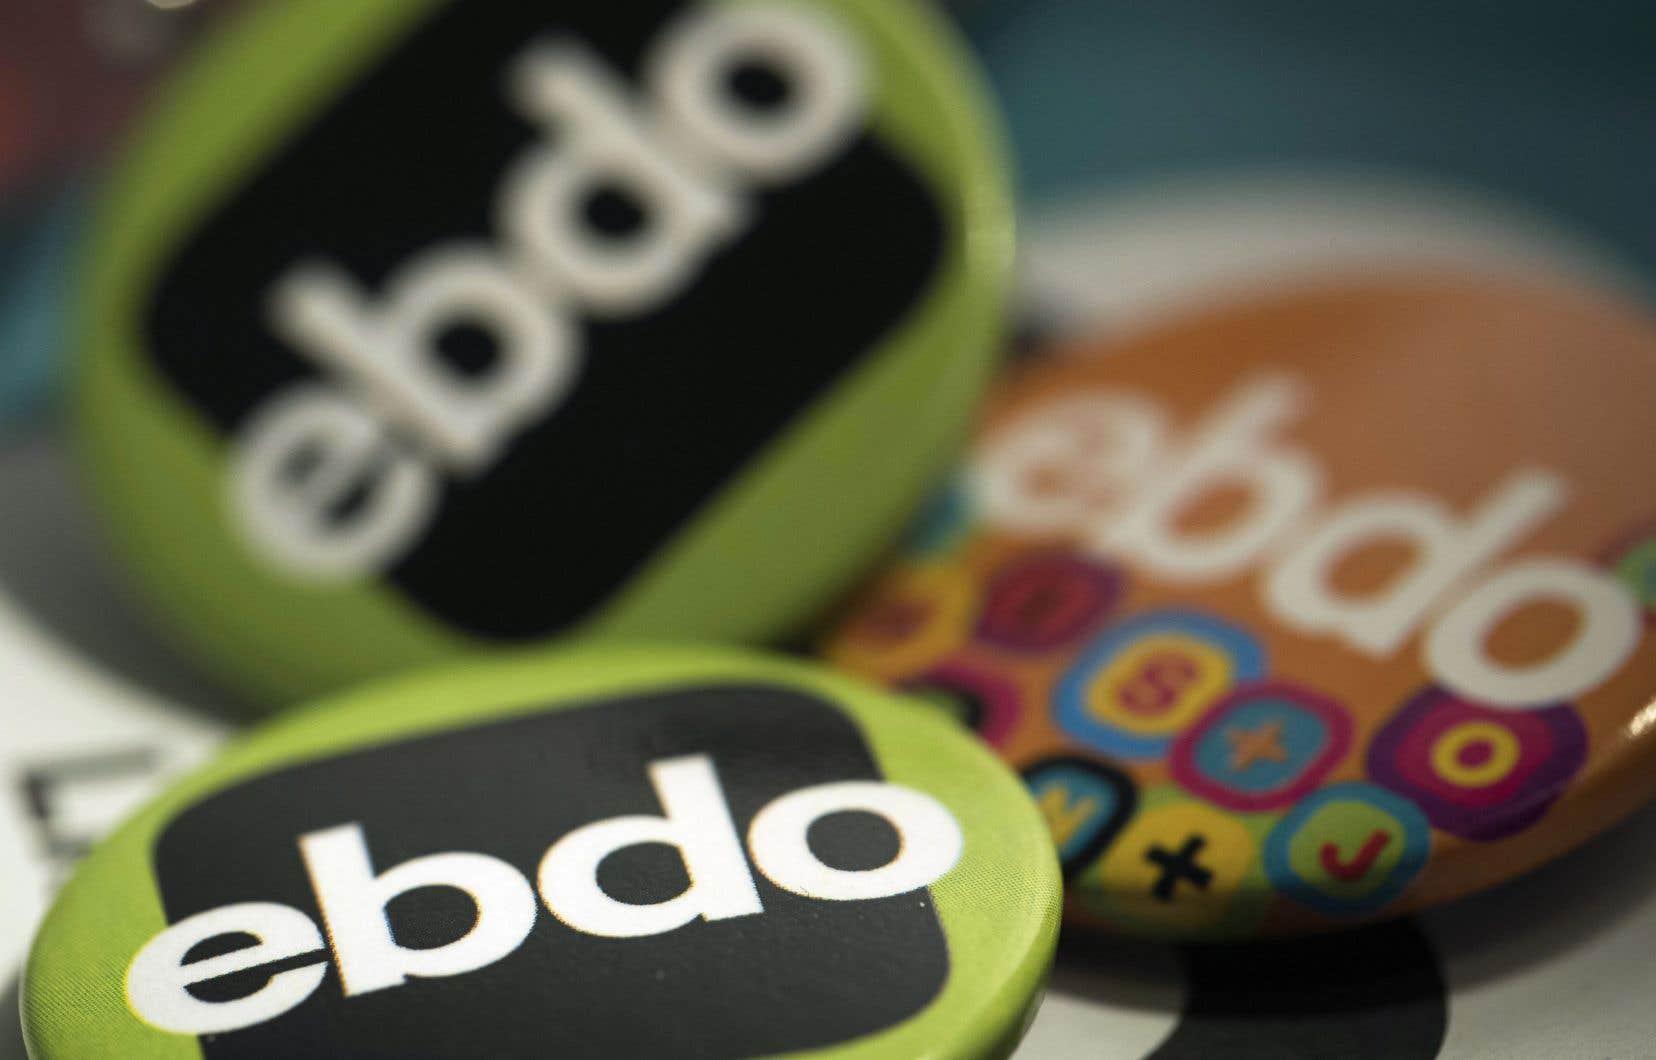 L'éditeur d'«Ebdo» a enclenché une procédure de cessation de paiement devant le tribunal de commerce de Paris.